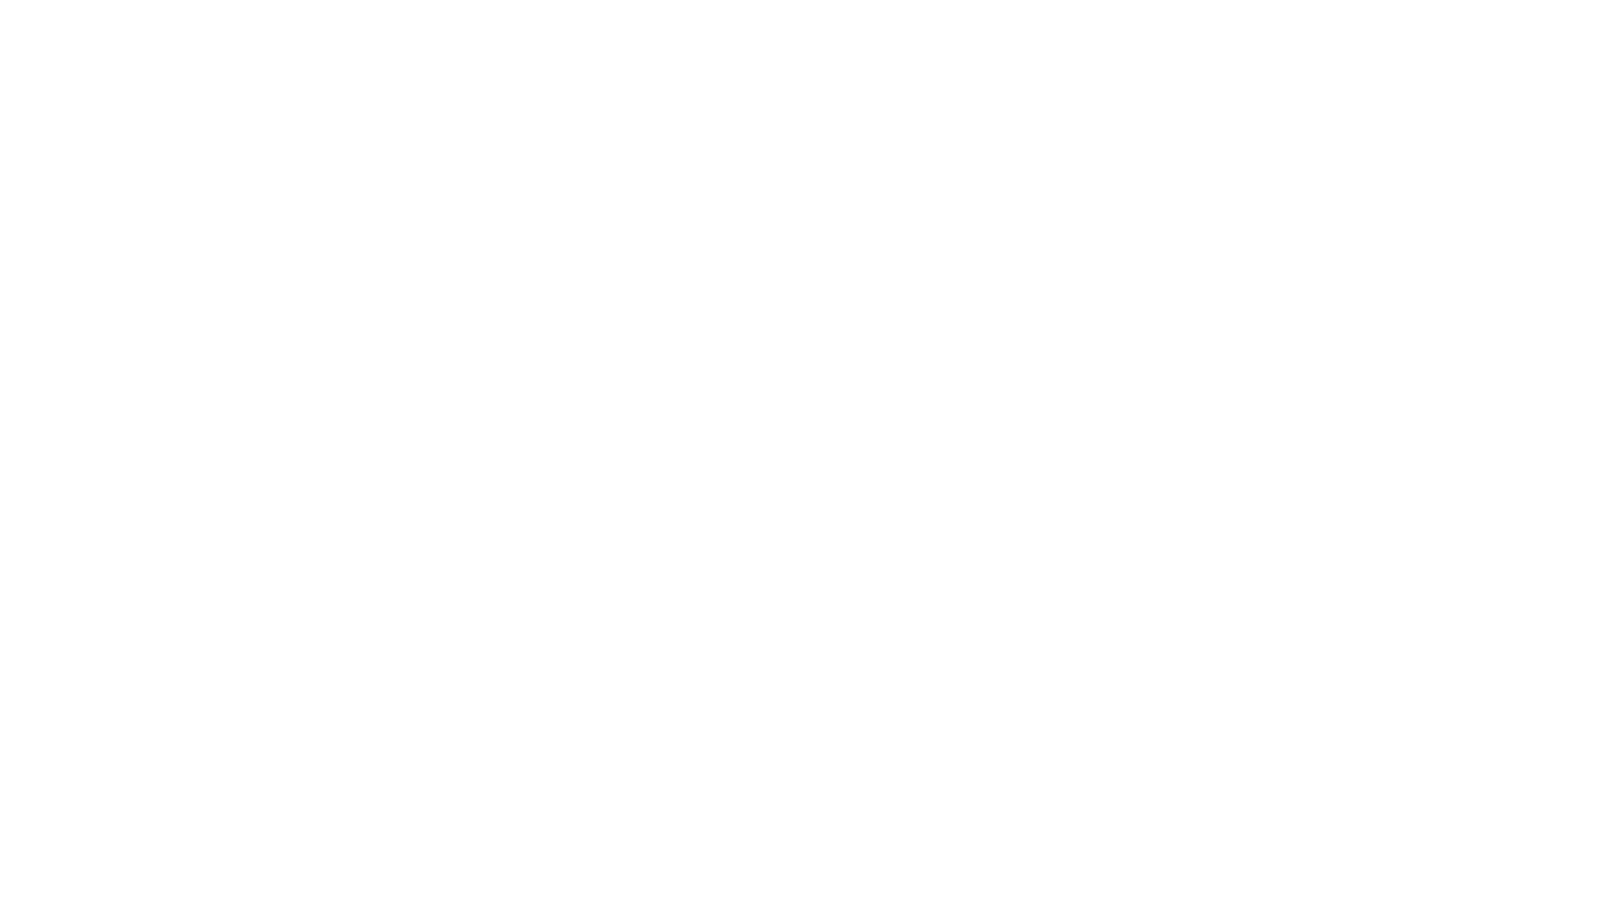 """A Câmara Municipal de Santarém começou hoje a instalar as """"caixas-ninhos"""" nas escolas dos Agrupamentos do Concelho de Santarém, no âmbito do projecto Santarém Ninhos.   O Correio do Ribatejo acompanhou durante a manhã a colocação destas estruturas, que tem por objectivo promover e desenvolver junto dos estudantes uma consciência ambiental através do conhecimento sobre o ciclo das aves.  José Freitas, mentor do projecto, garantiu que as """"caixas-ninhos"""" vão permitir dar uma nova casa às aves em meio urbano, que com a crescente urbanização tem vindo a perder território.   As cerca de 170 """"caixas-ninhos"""", estão identificadas e georreferenciadas, sendo a sua evolução acompanhada pelos estudantes do concelho.   Inês Barroso, vice-presidente da autarquia, explicou de que forma as equipas de """"guardiões dos ninhos"""" vão acompanhar o processo de nidificação das aves."""